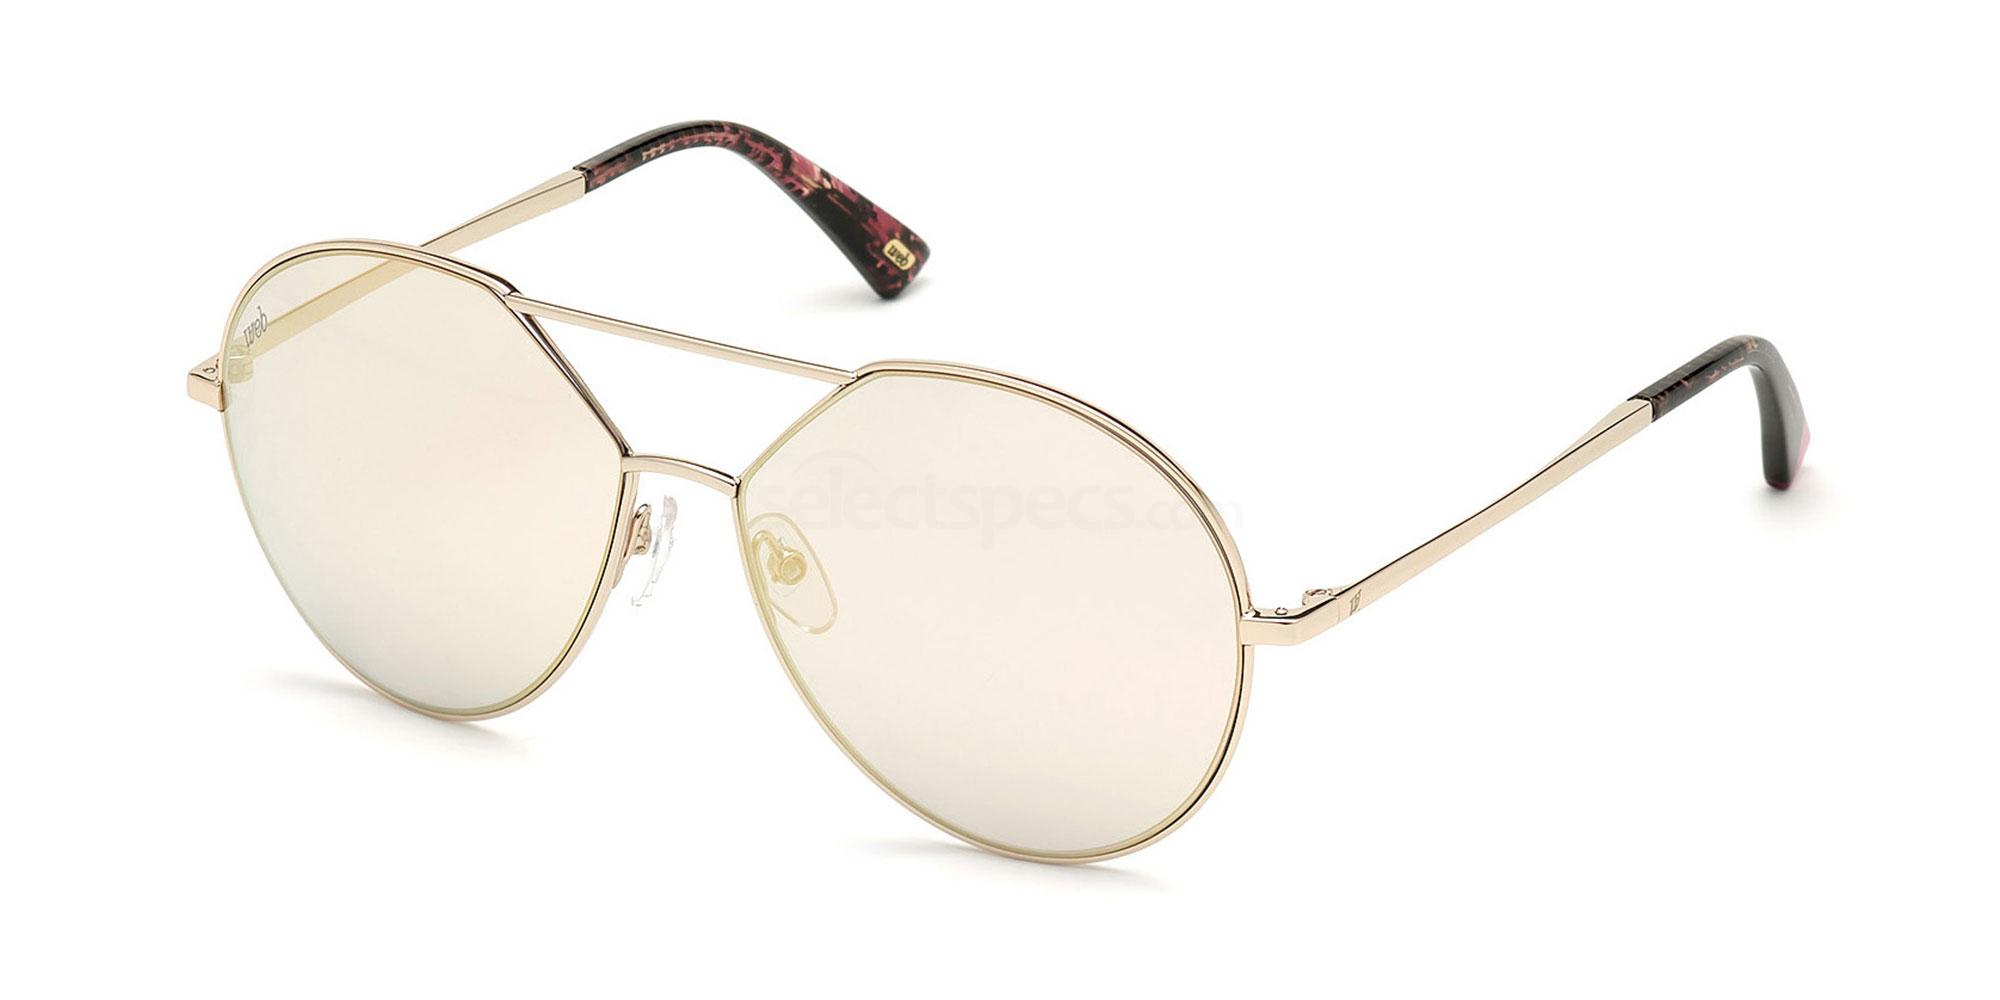 28C WE0286 Sunglasses, Web